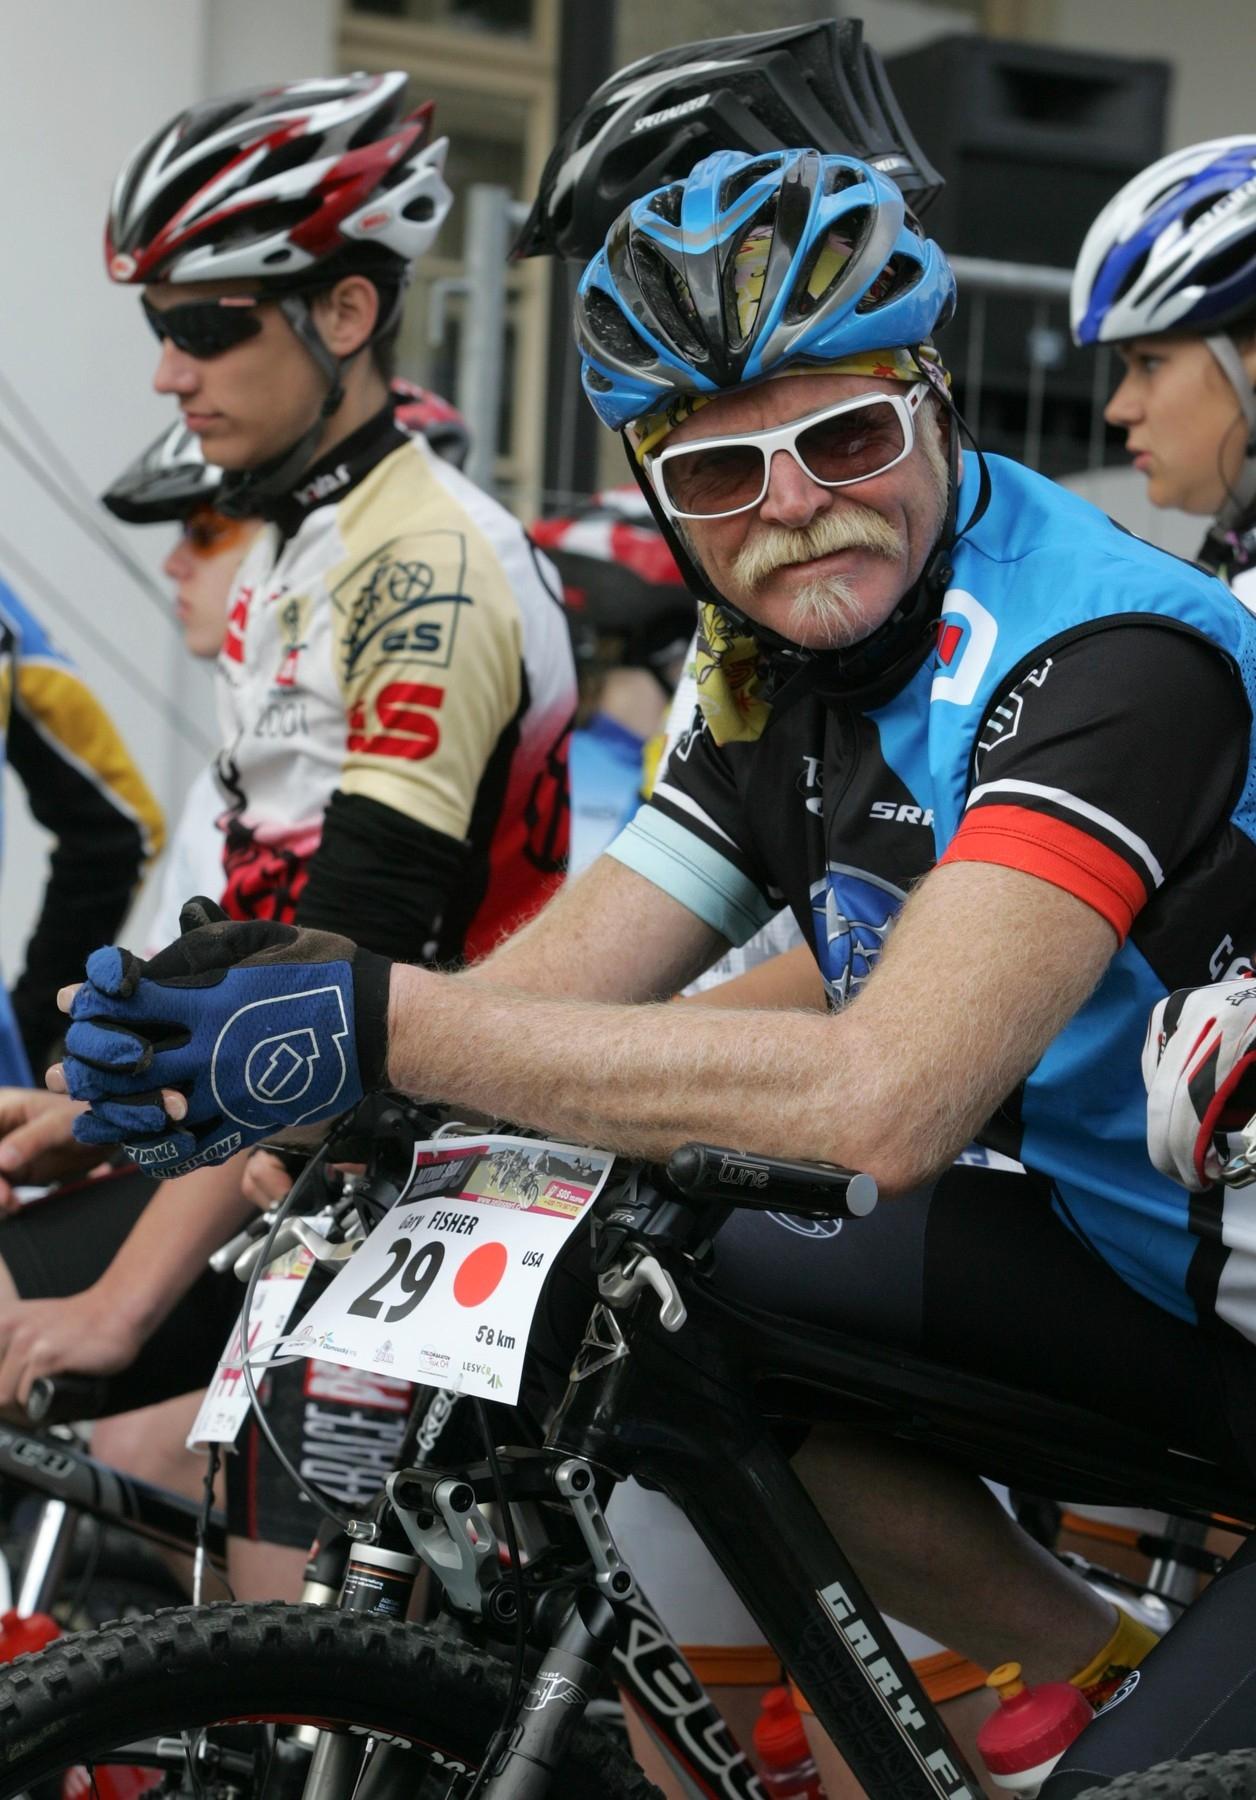 Gary Fisher na startu českého bikového závodu Author Šela Marathon u Helfštýna v roce 2009. Foto: Luděk Peřina/Mafra/profimedia